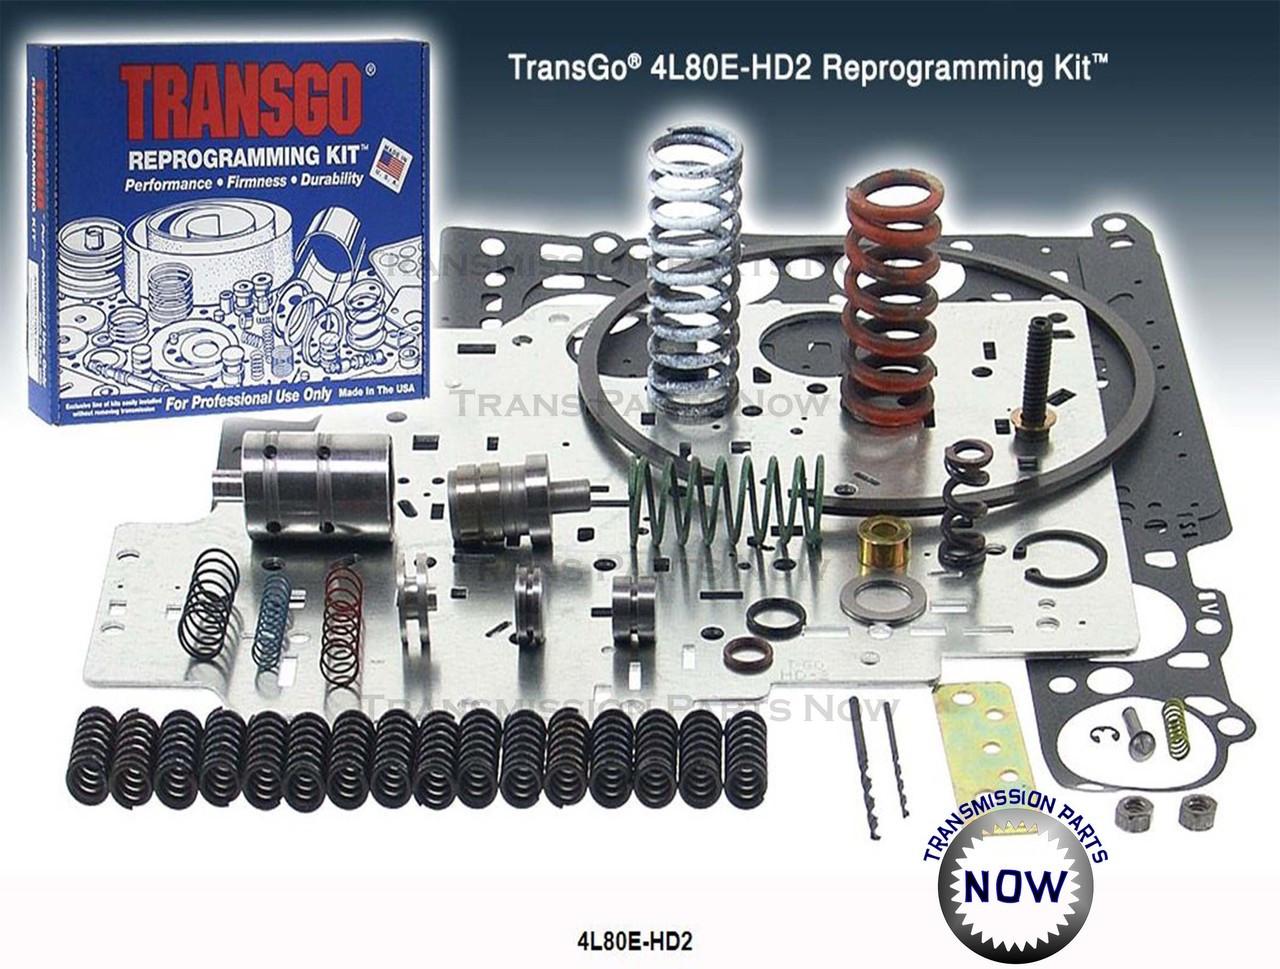 Transgo 4L80E-HD2 Performance Shift Kit